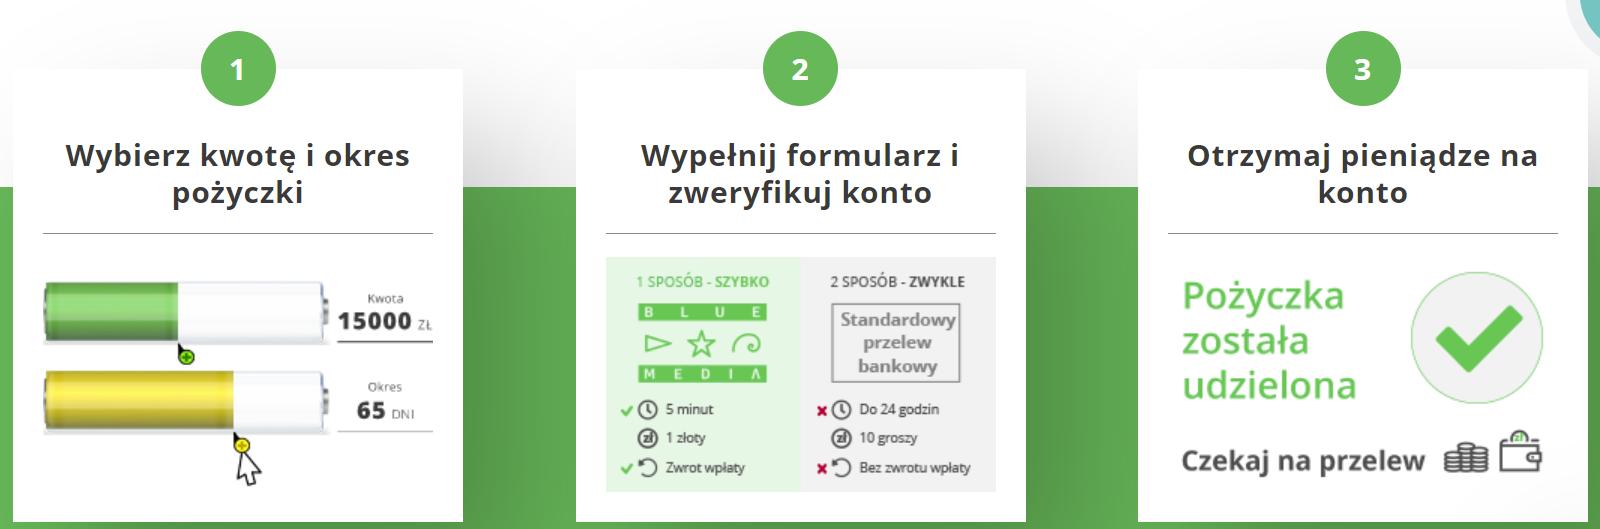 Fot. Screen / szybkagotowka.pl